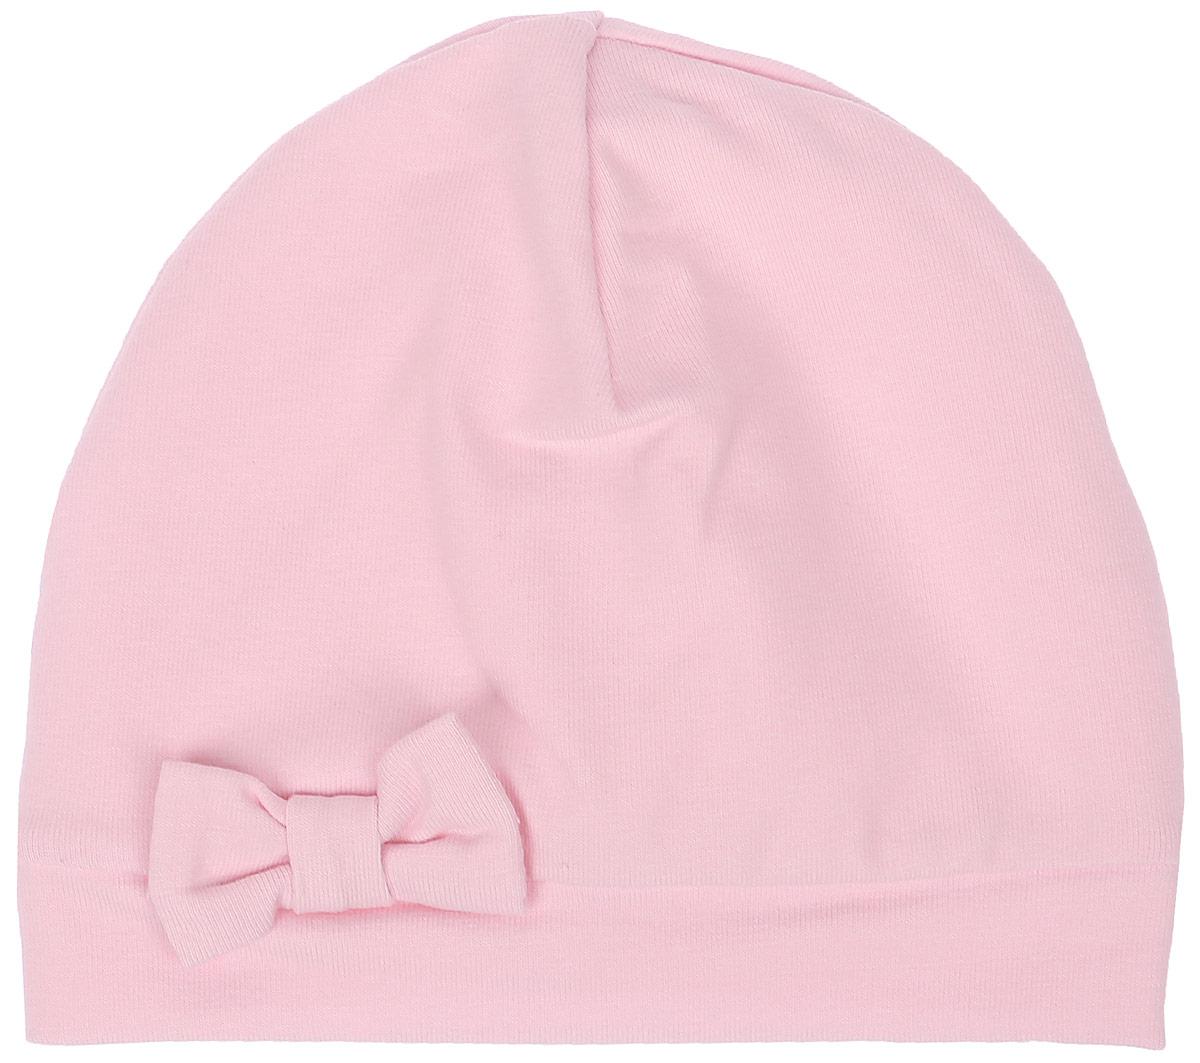 Шапочка для девочки СовенокЯ Розовая зебра, цвет: розовый. 33-592. Размер 3633-592Детская шапочка СовенокЯ изготовлена из натурального хлопка. Тонкая шапочка выполнена из двойного трикотажа. Спереди модель дополнена декоративным бантиком. Уважаемые клиенты! Размер, доступный для заказа, является обхватом головы.